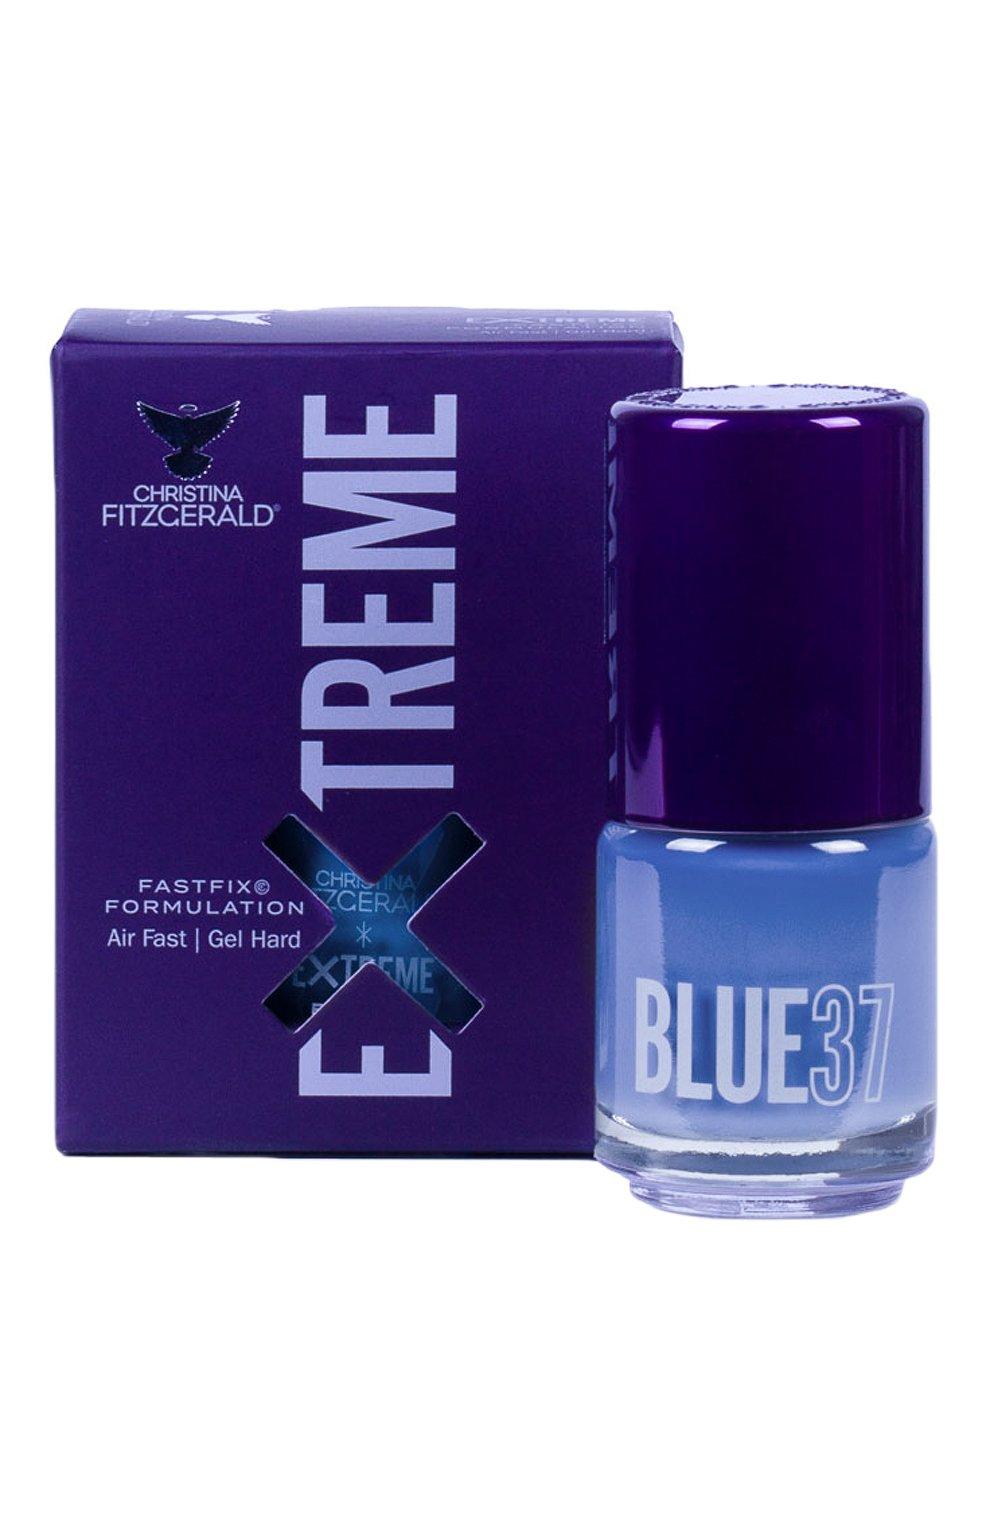 Женский лак для ногтей extreme, оттенок blue 37 CHRISTINA FITZGERALD бесцветного цвета, арт. 9333381005267 | Фото 1